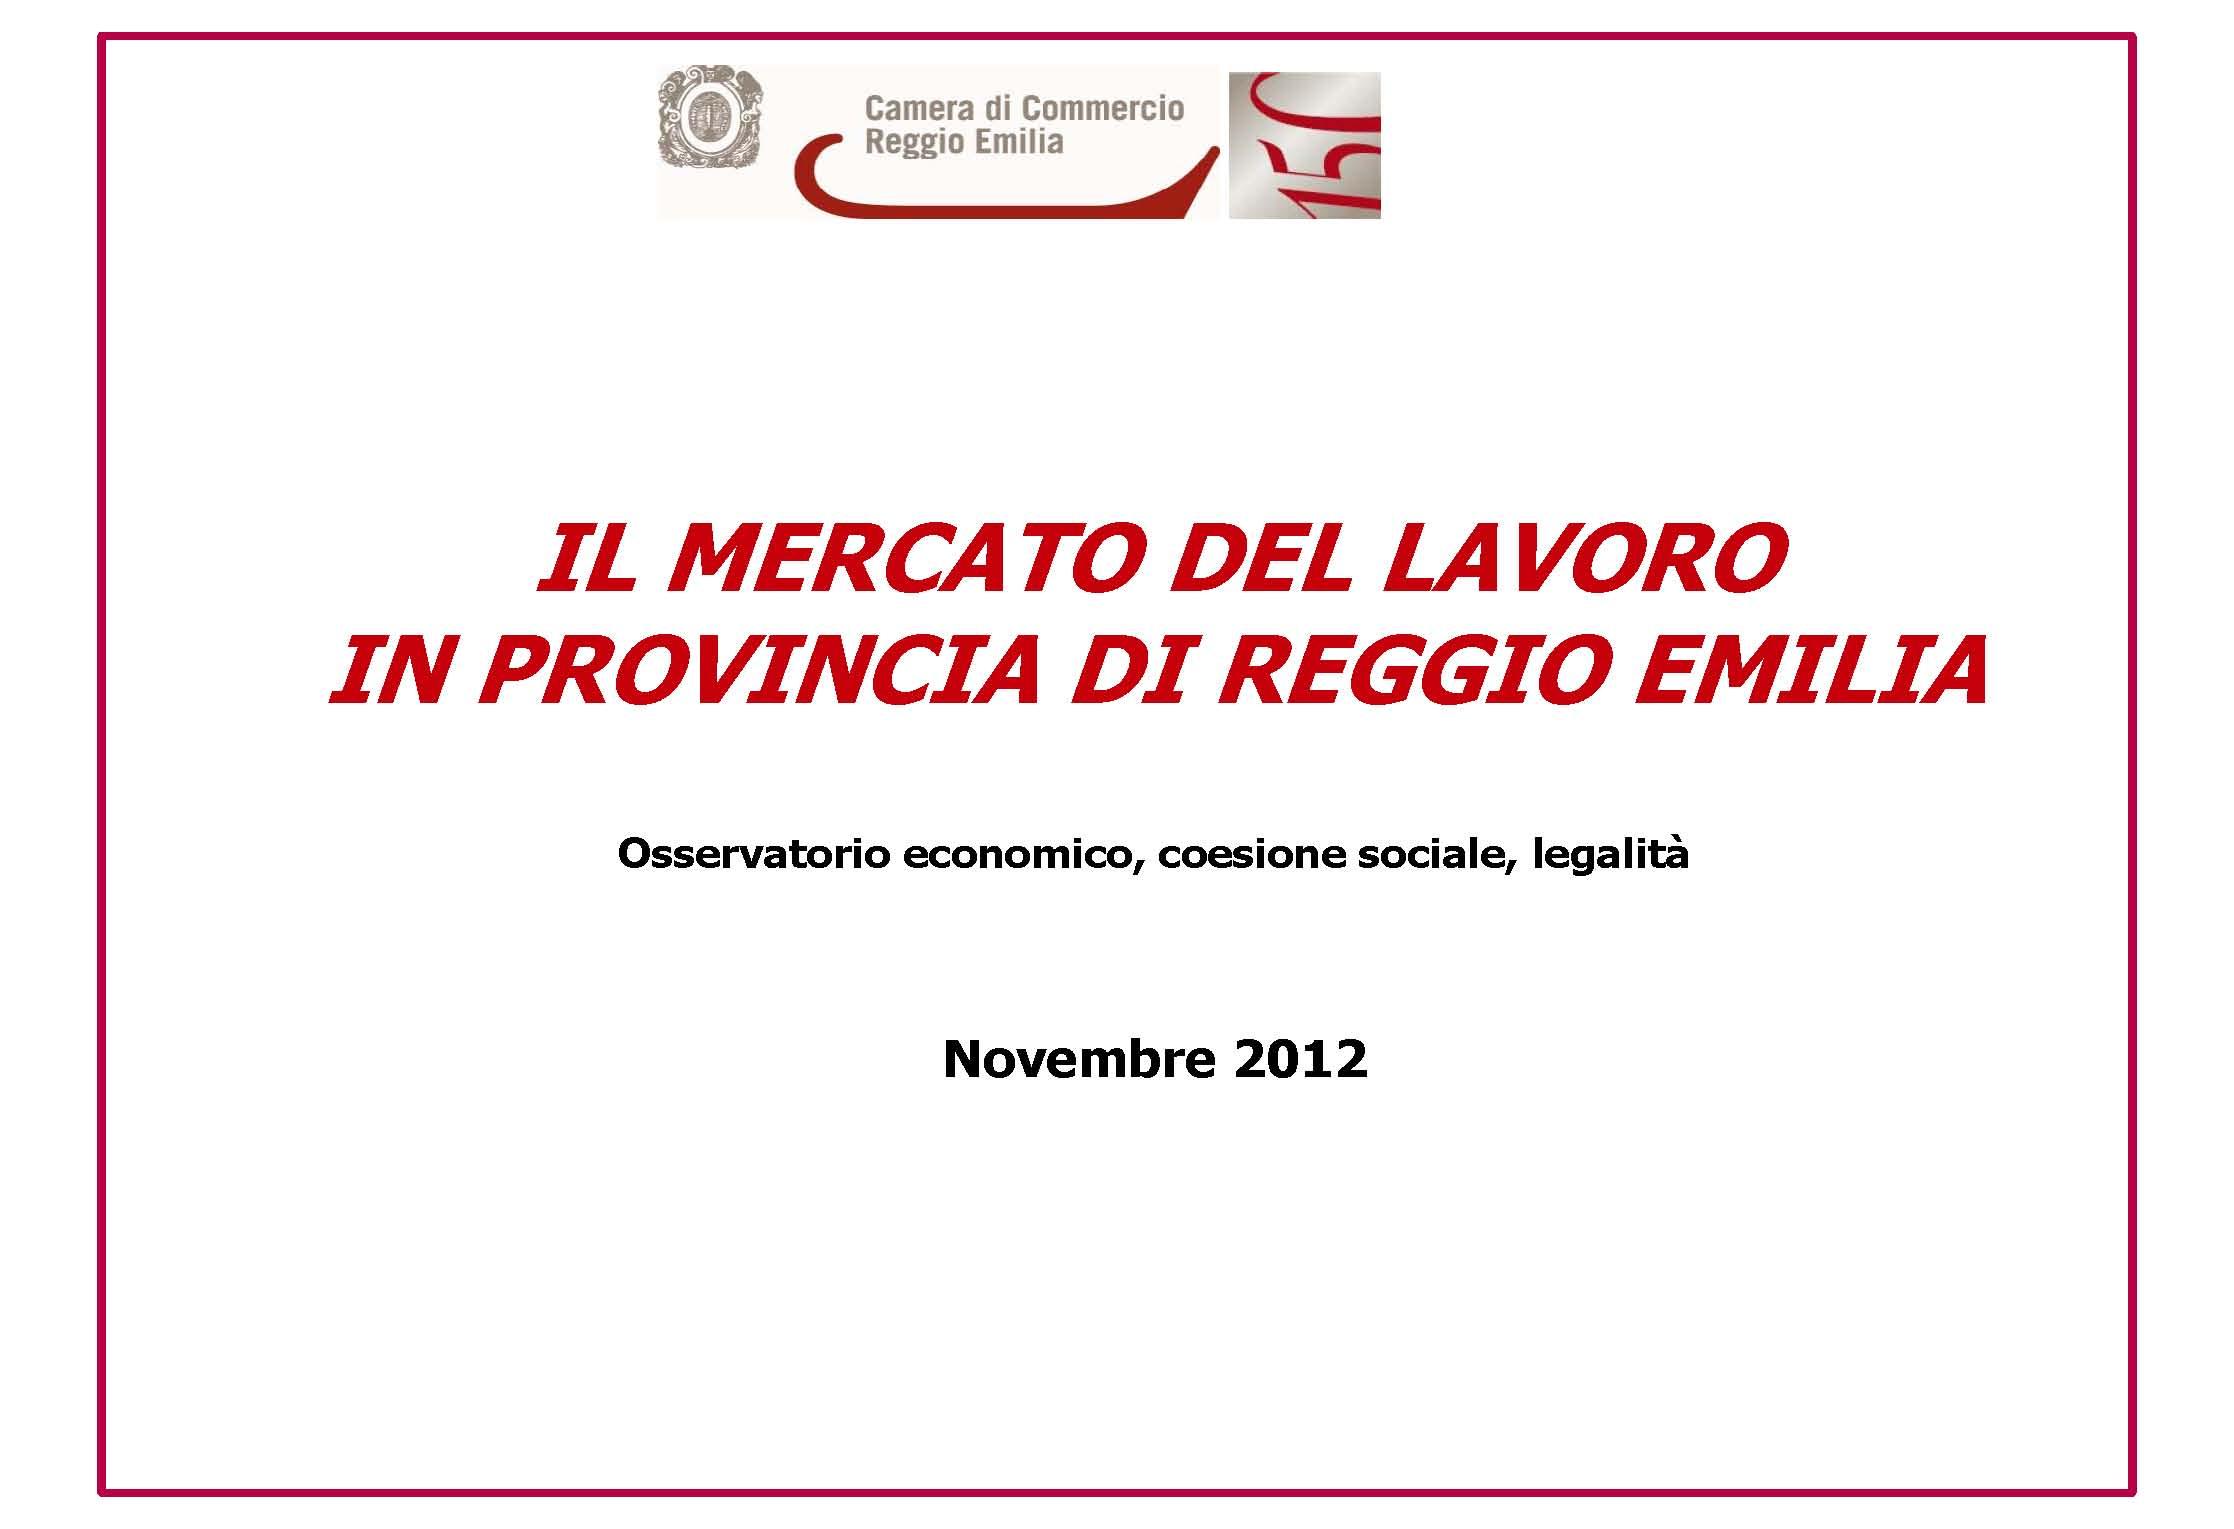 Il mercato del lavoro in provincia di reggio emilia for Camera di commercio della romagna